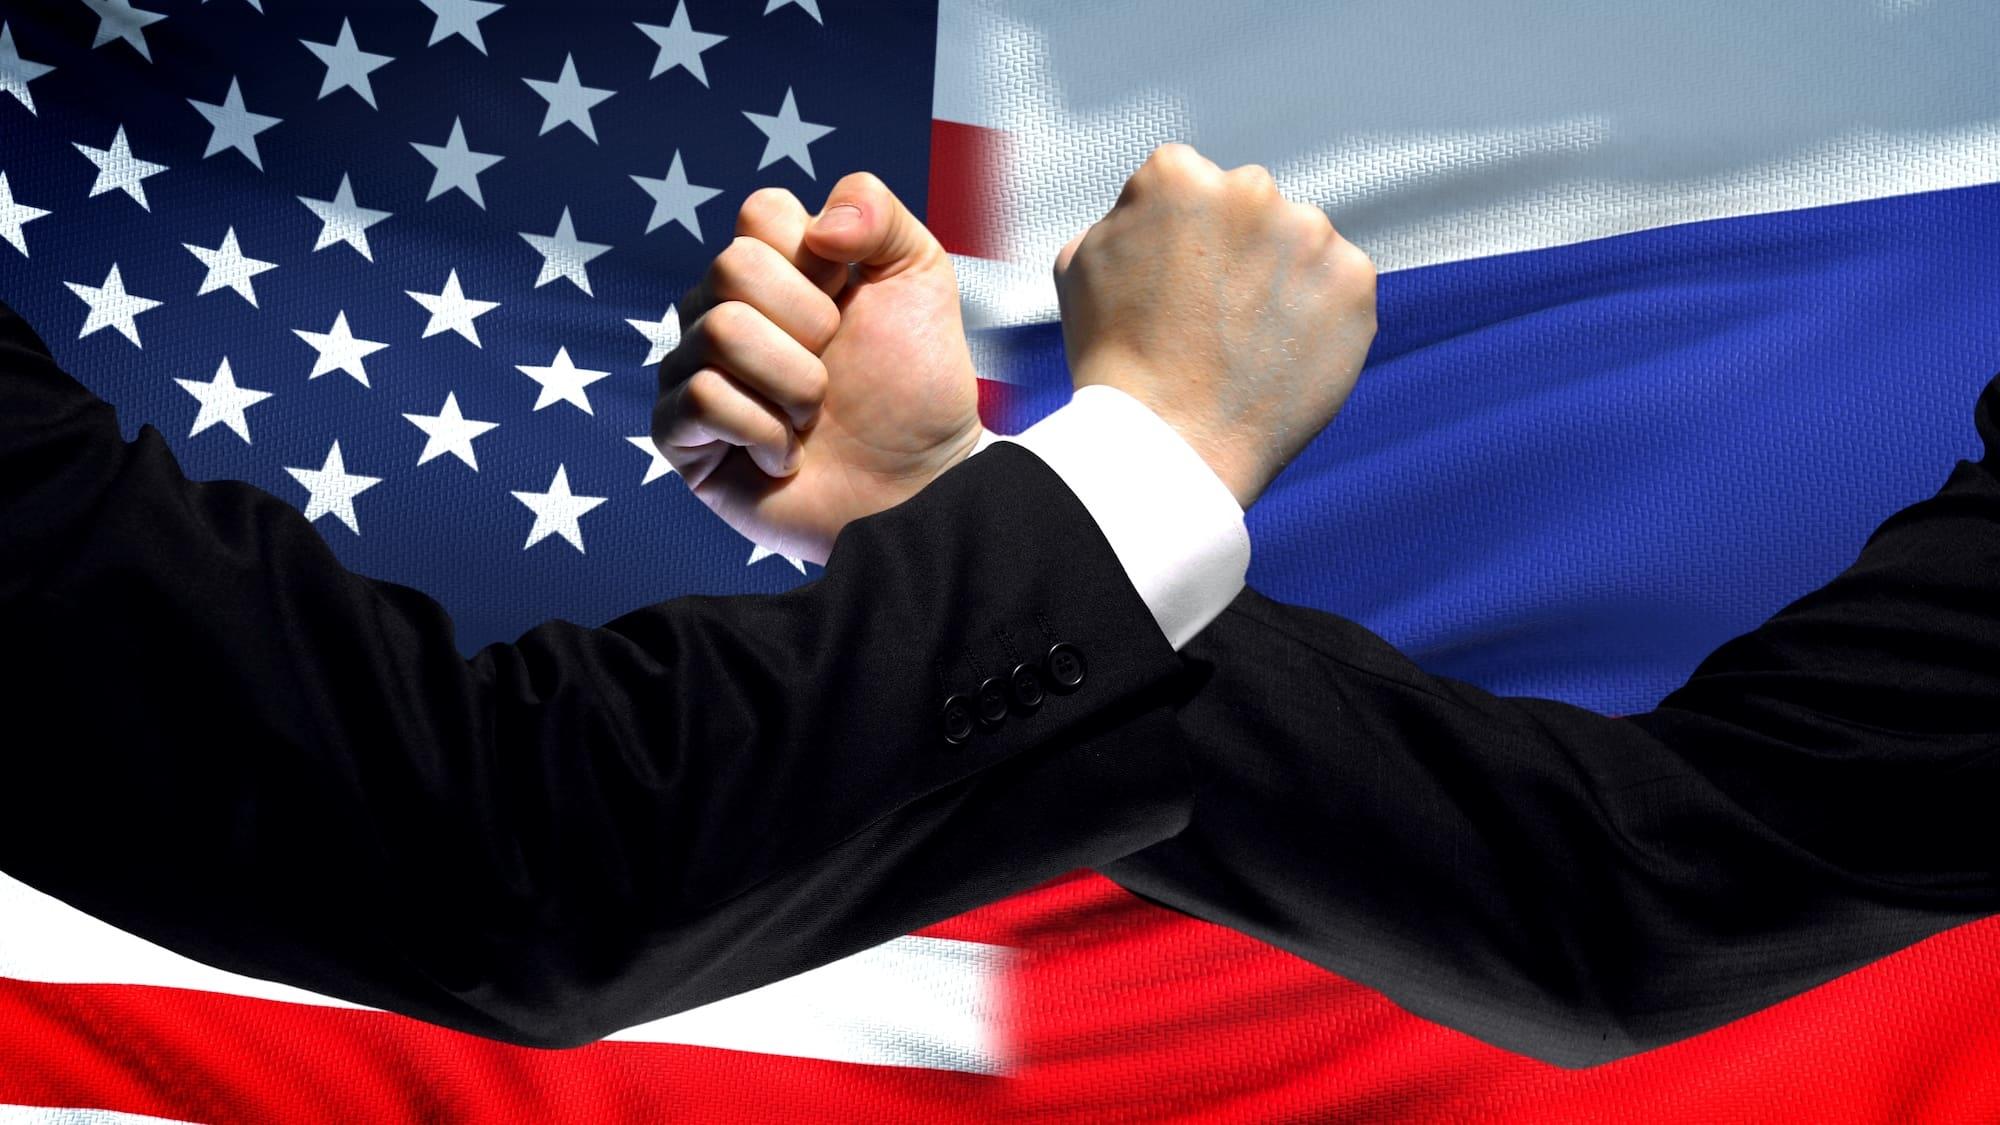 Nga, Trung sẵn sàng đối đầu với trừng phạt của Mỹ